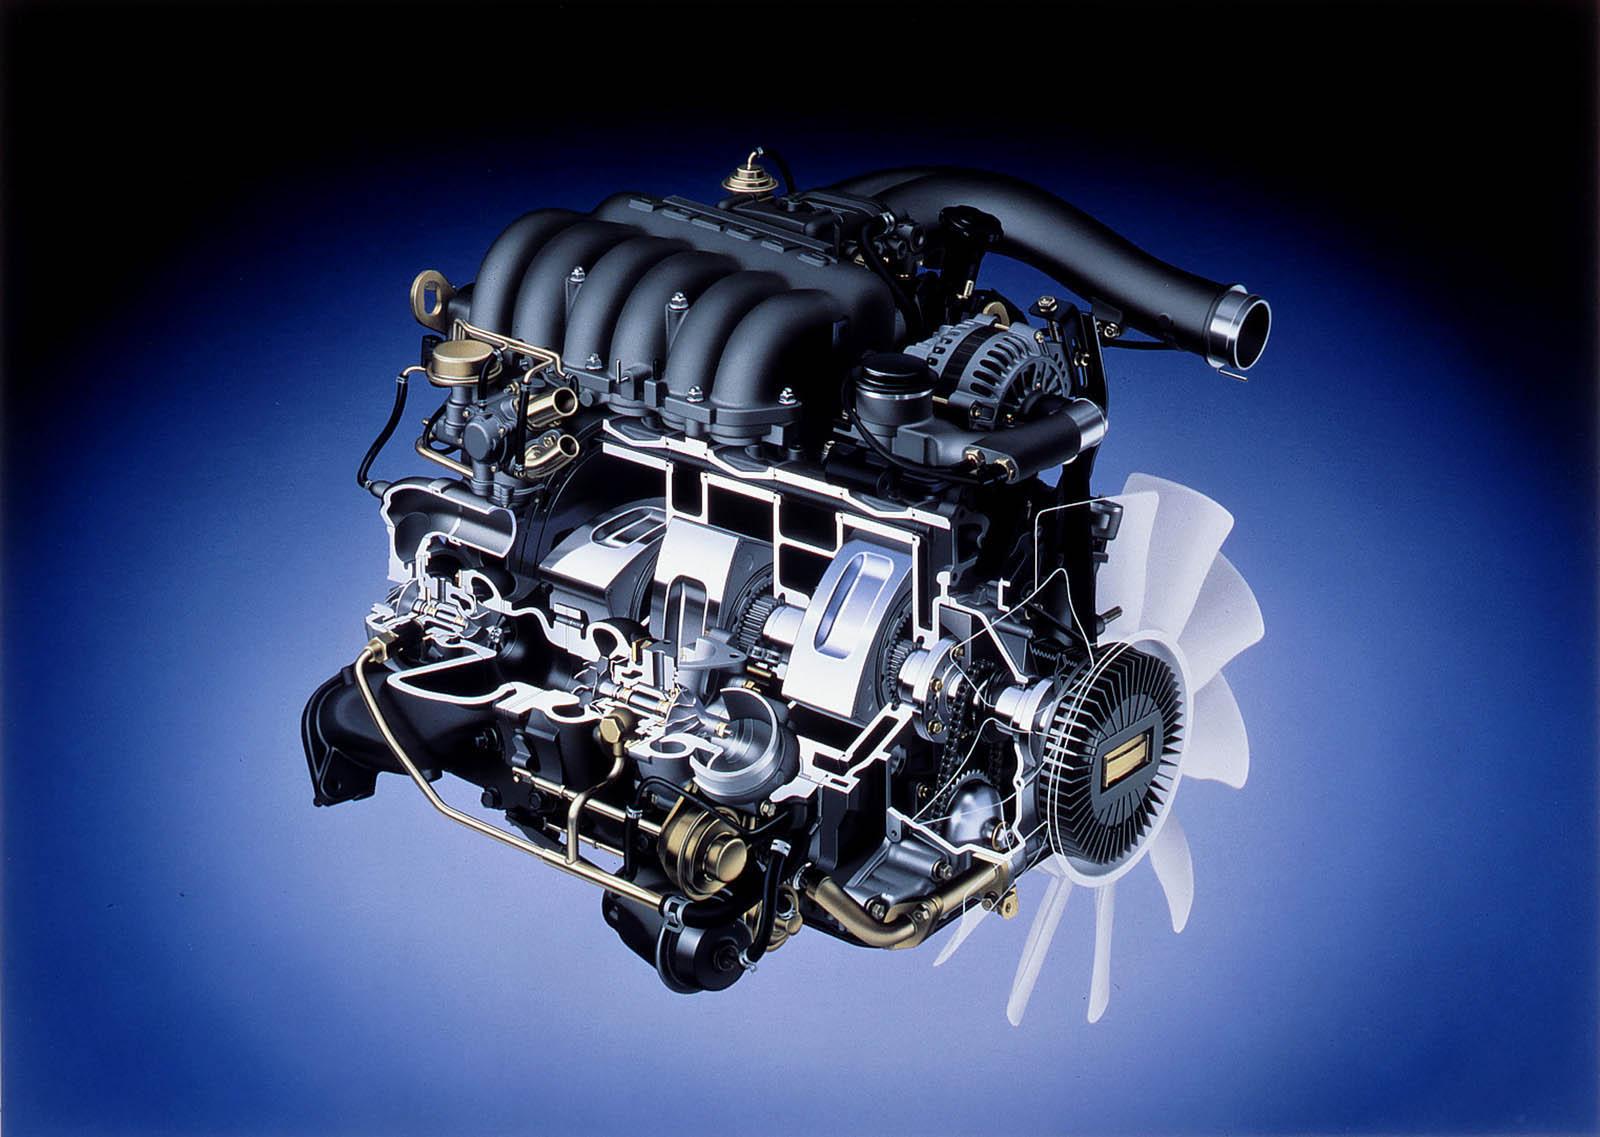 Mazda-50-years-of-rotary-p15_02